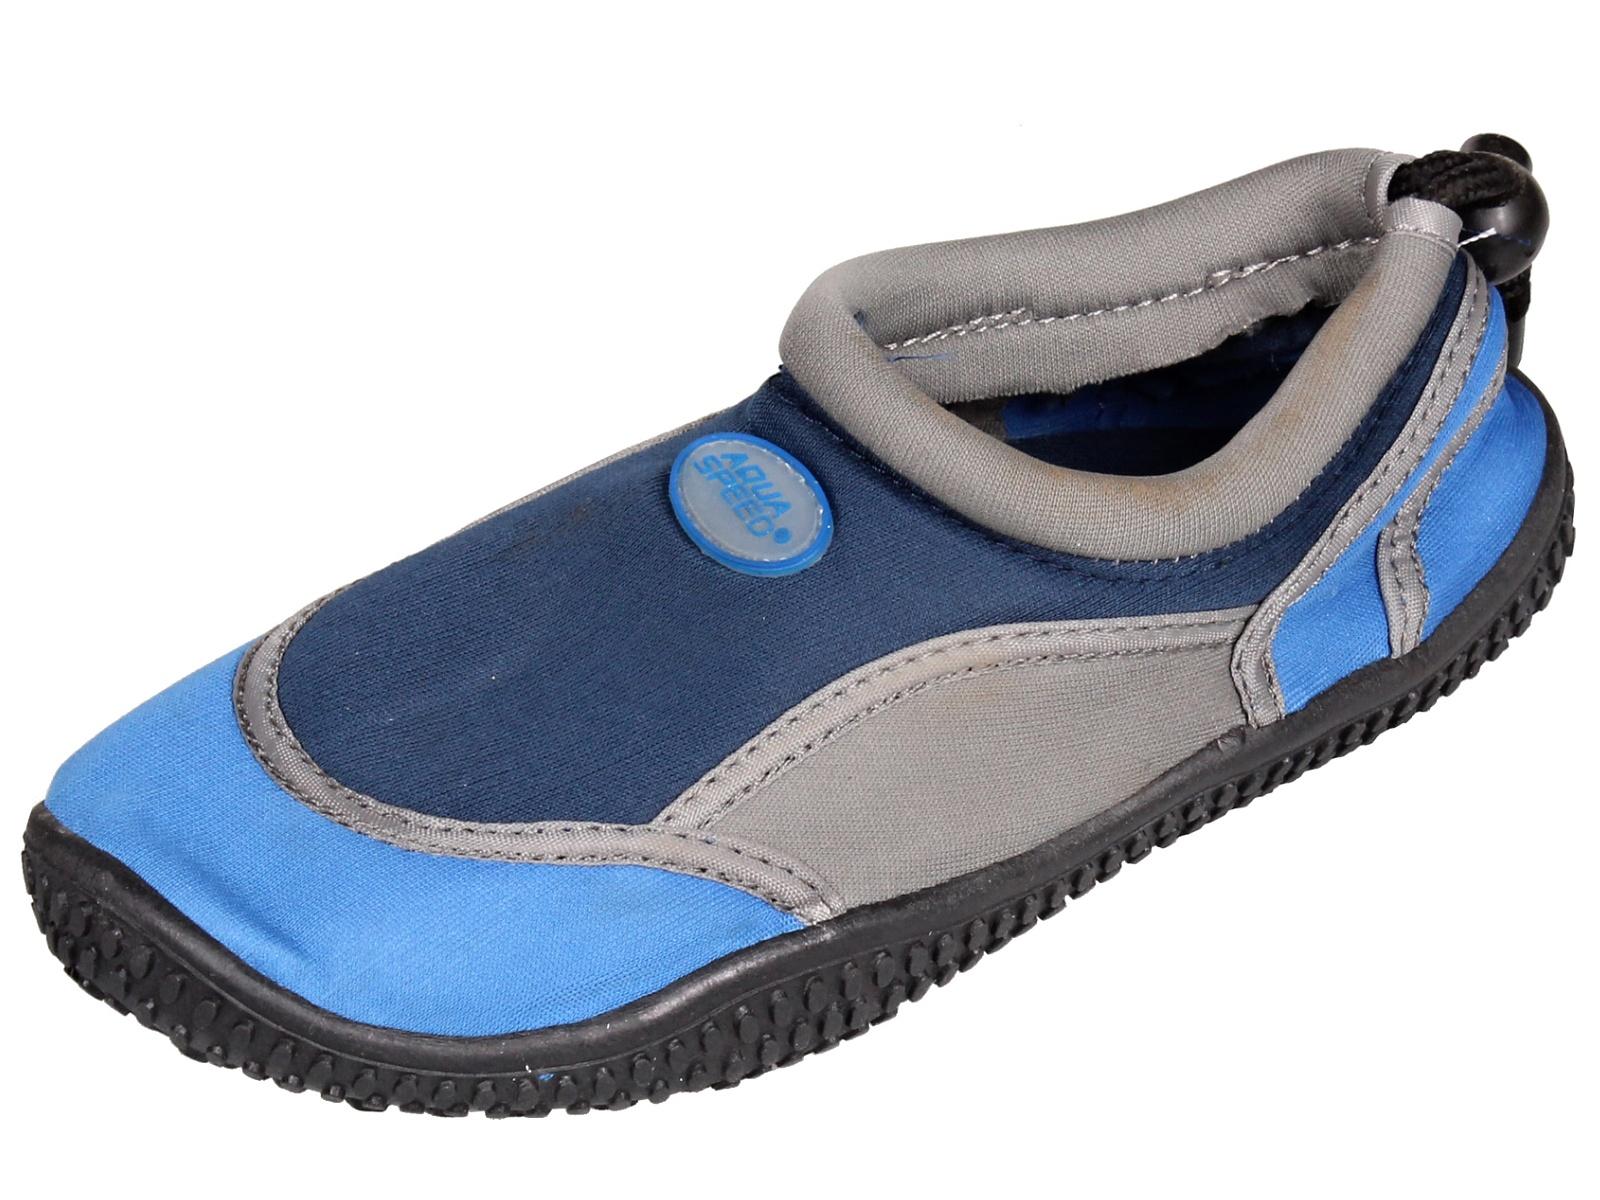 Boty do vody AQUA-SPEED 21A dětské modré - vel. 32